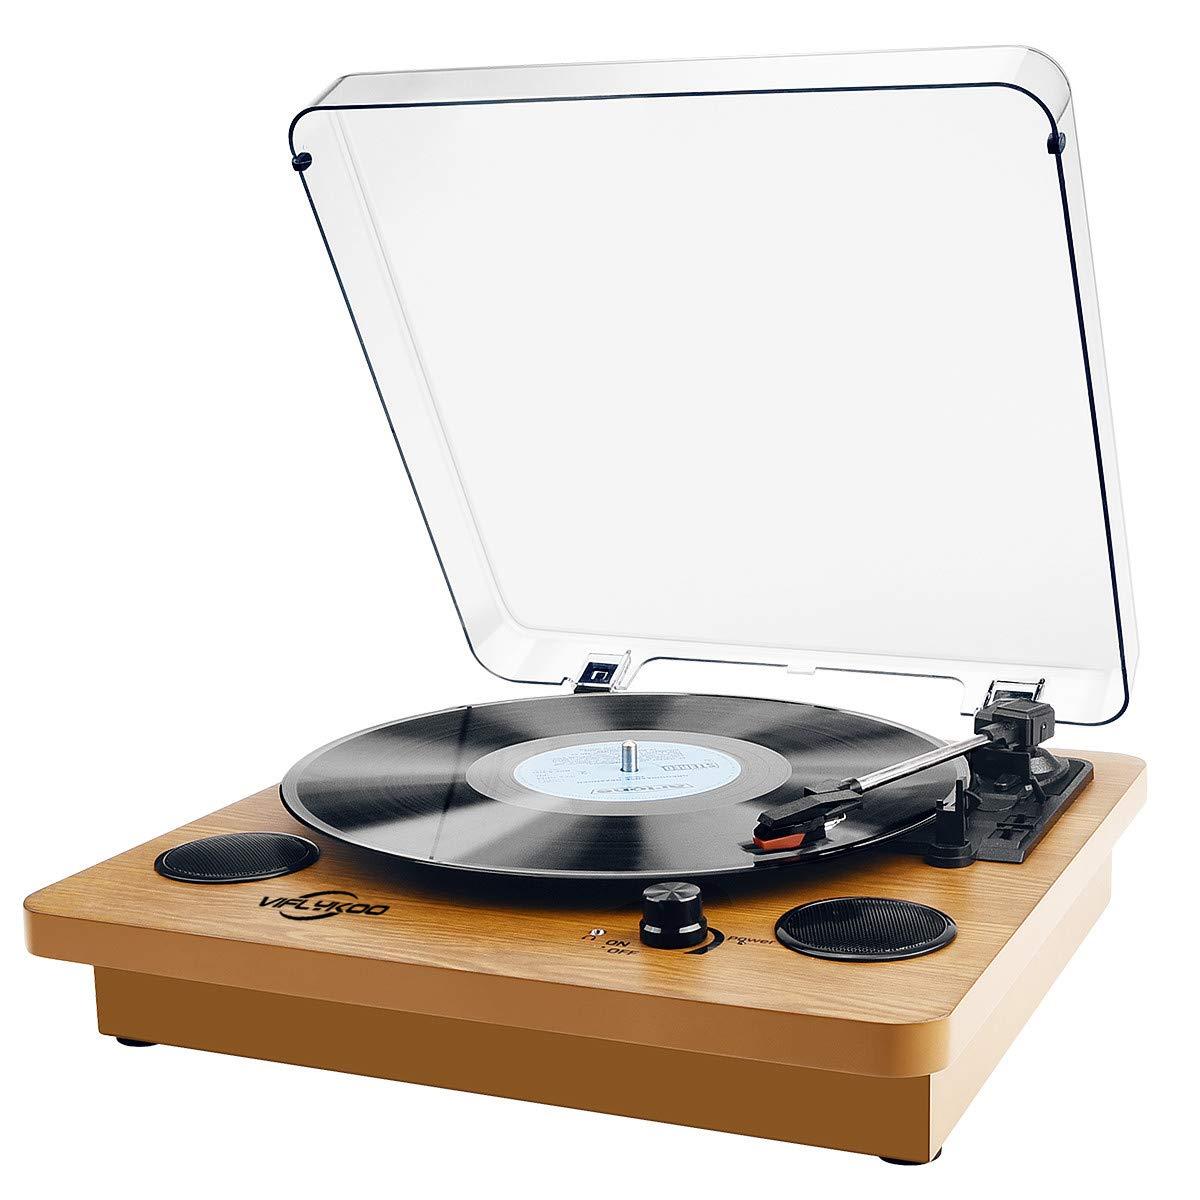 Platine Vinyle, VIFLYKOO Bluetooth Record Player Platine Vinyle et Encodeur Numérique avec Lecteur de Courroie de Haut Parleur Aux RCA 33/45/78 - Finition en Bois Naturel product image